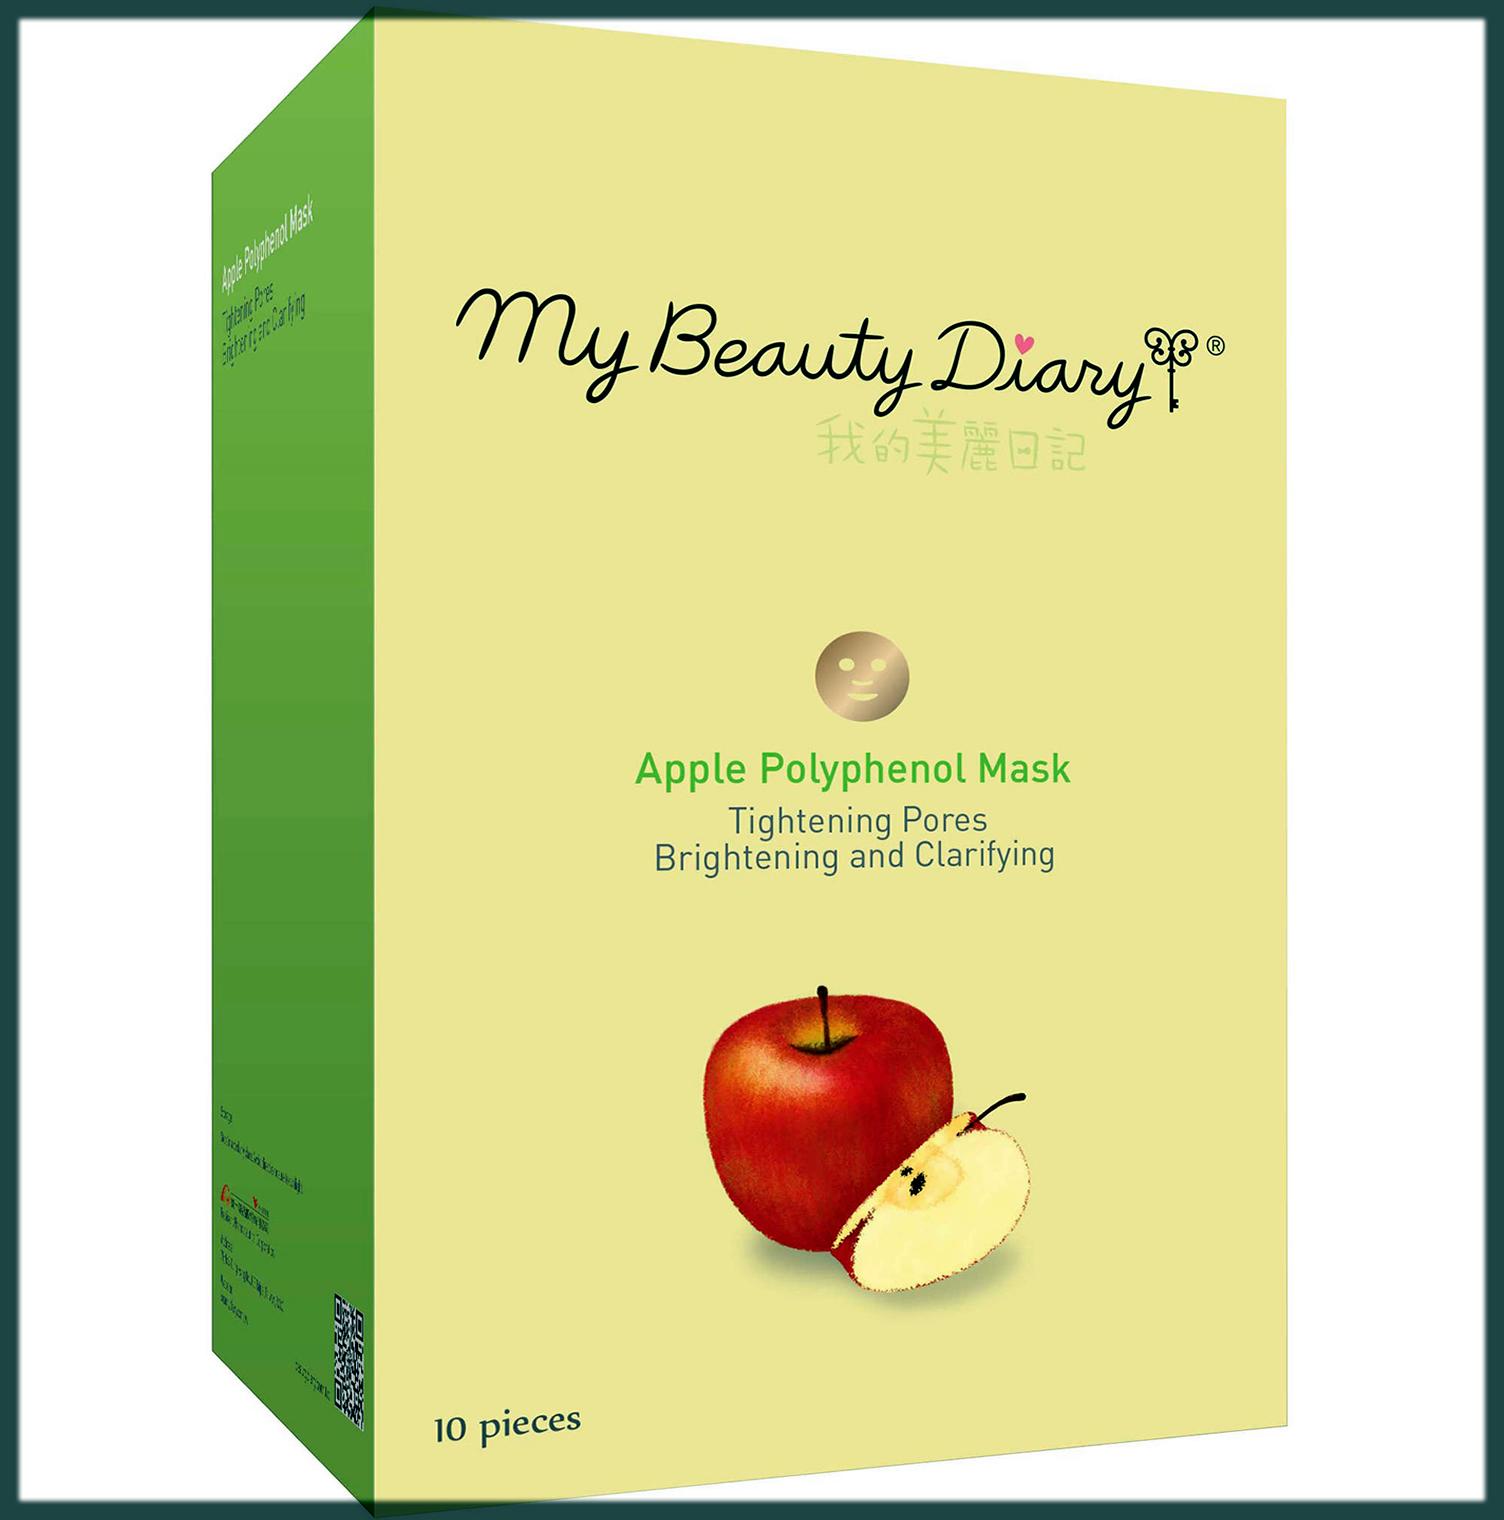 My Beauty Diary Apple Mask